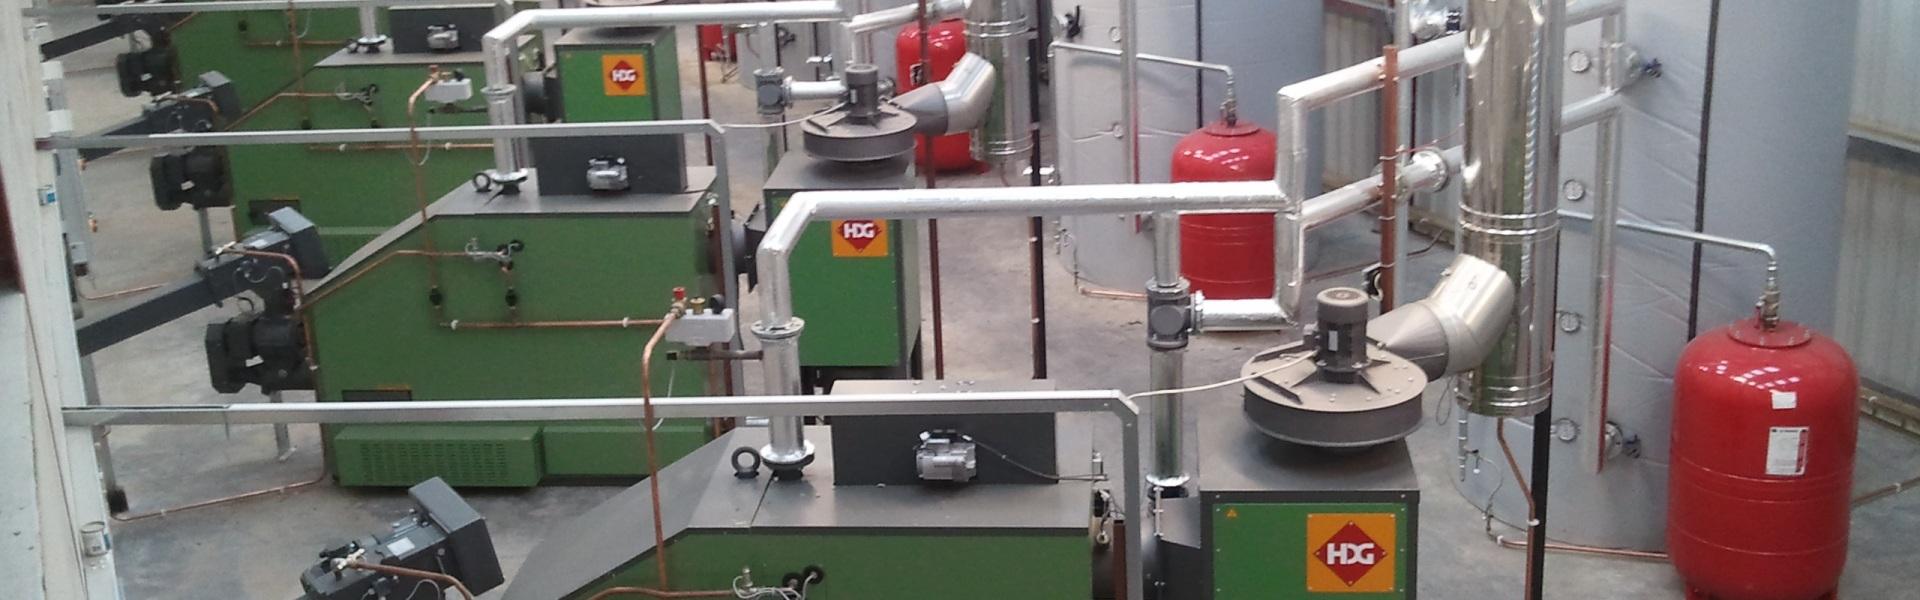 biomass-boilers-1